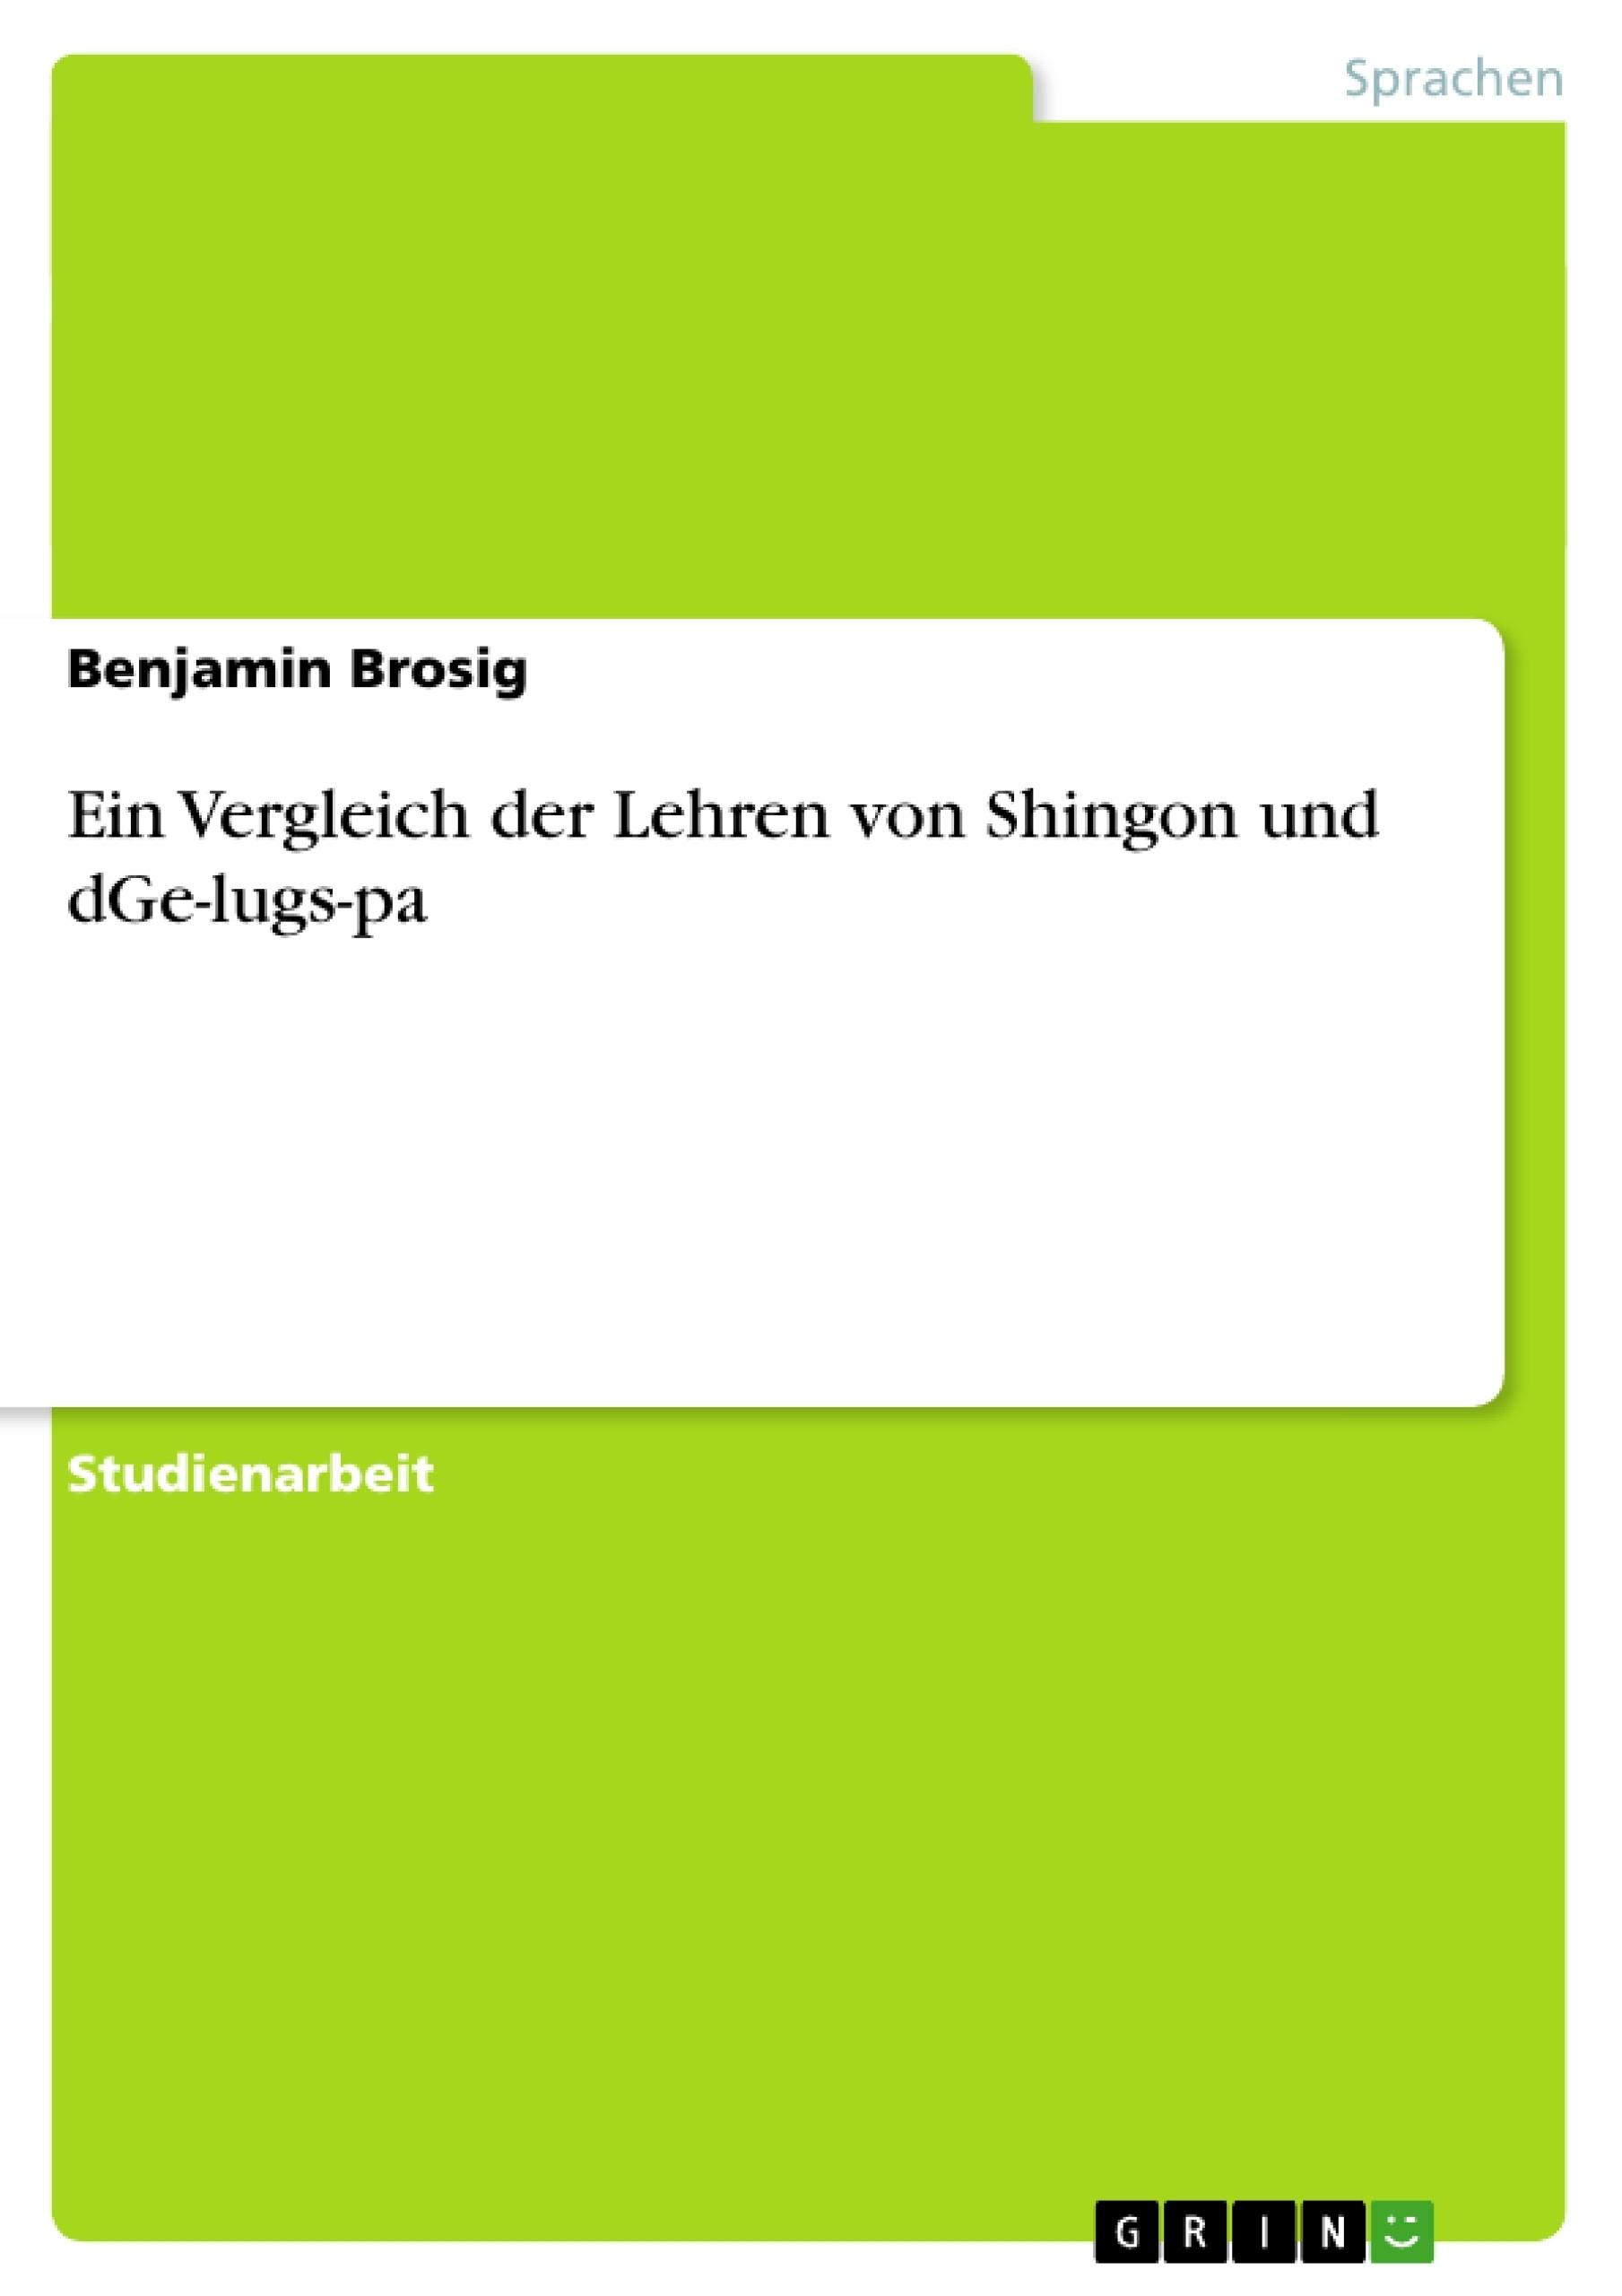 Titel: Ein Vergleich der Lehren von Shingon und dGe-lugs-pa